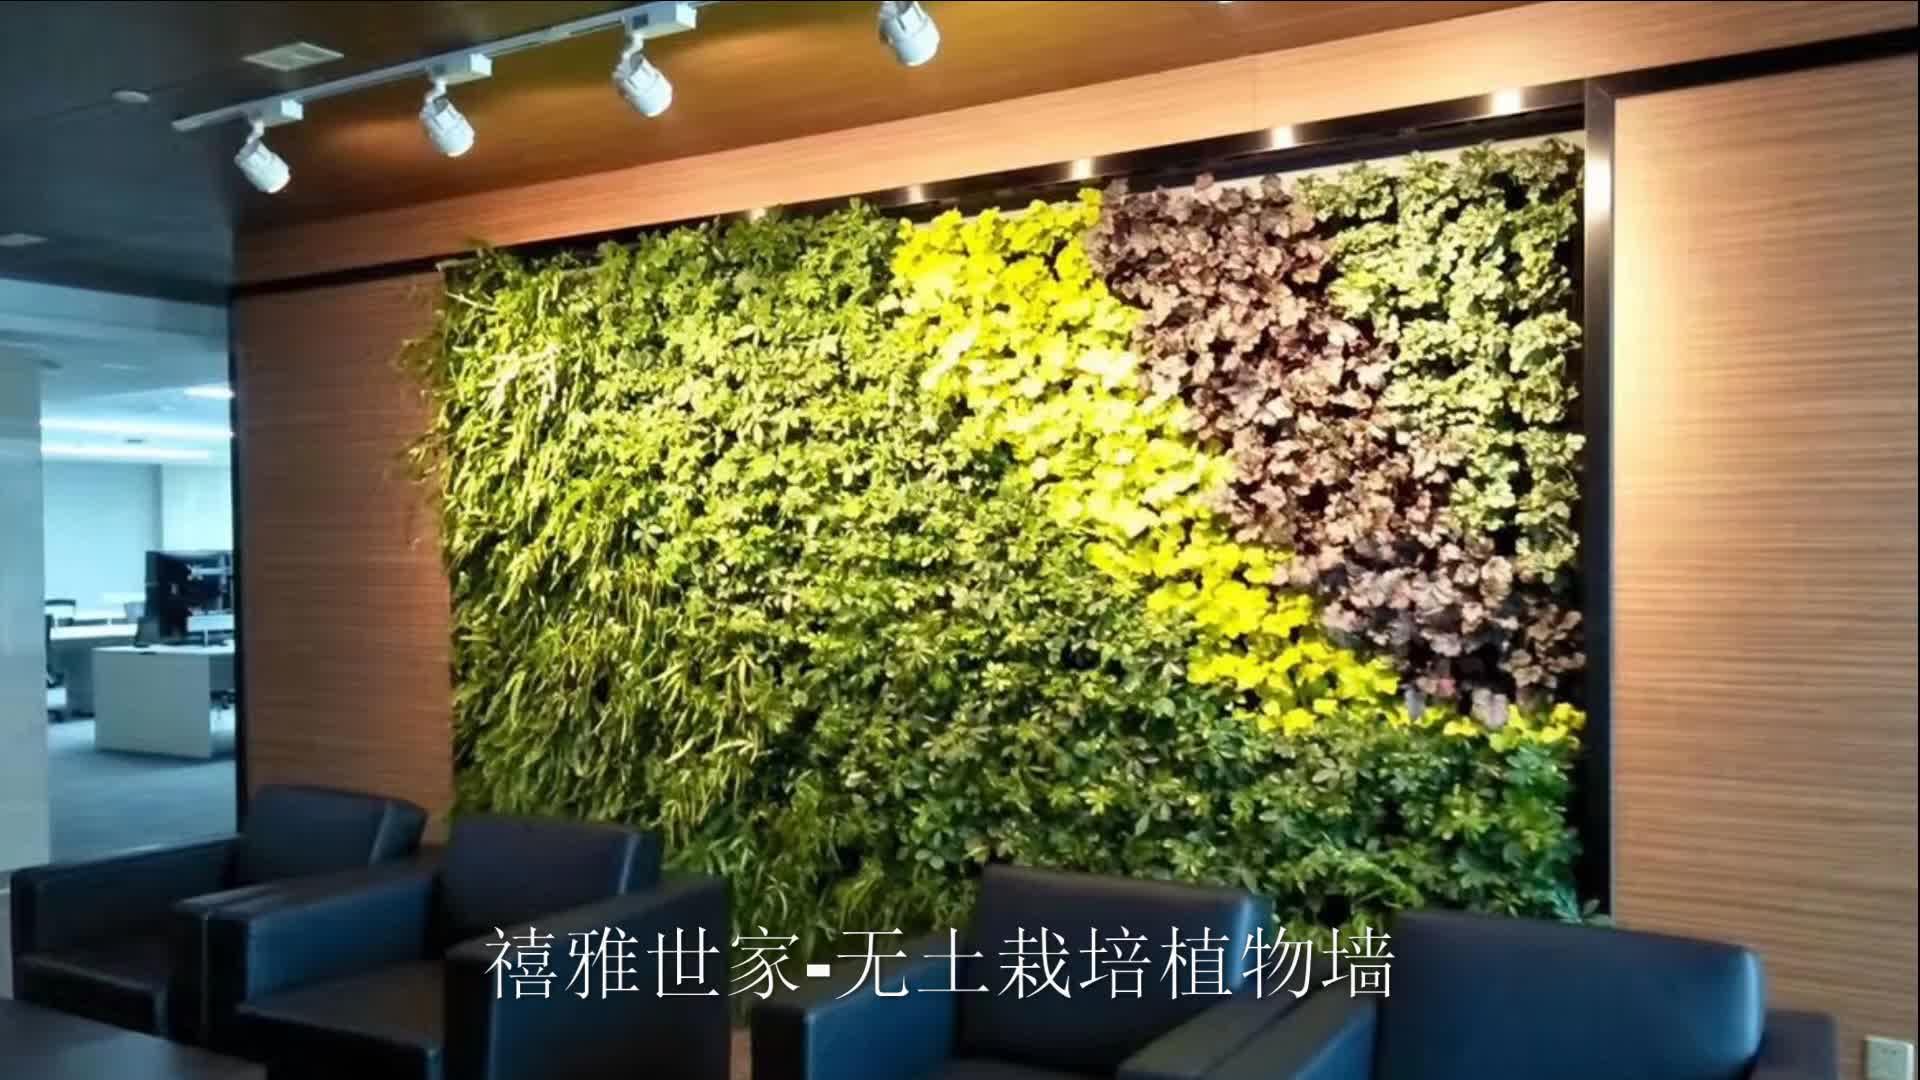 禧雅世家-无土栽培植物绿墙,垂直绿化,水培绿植墙,墙上植物花园